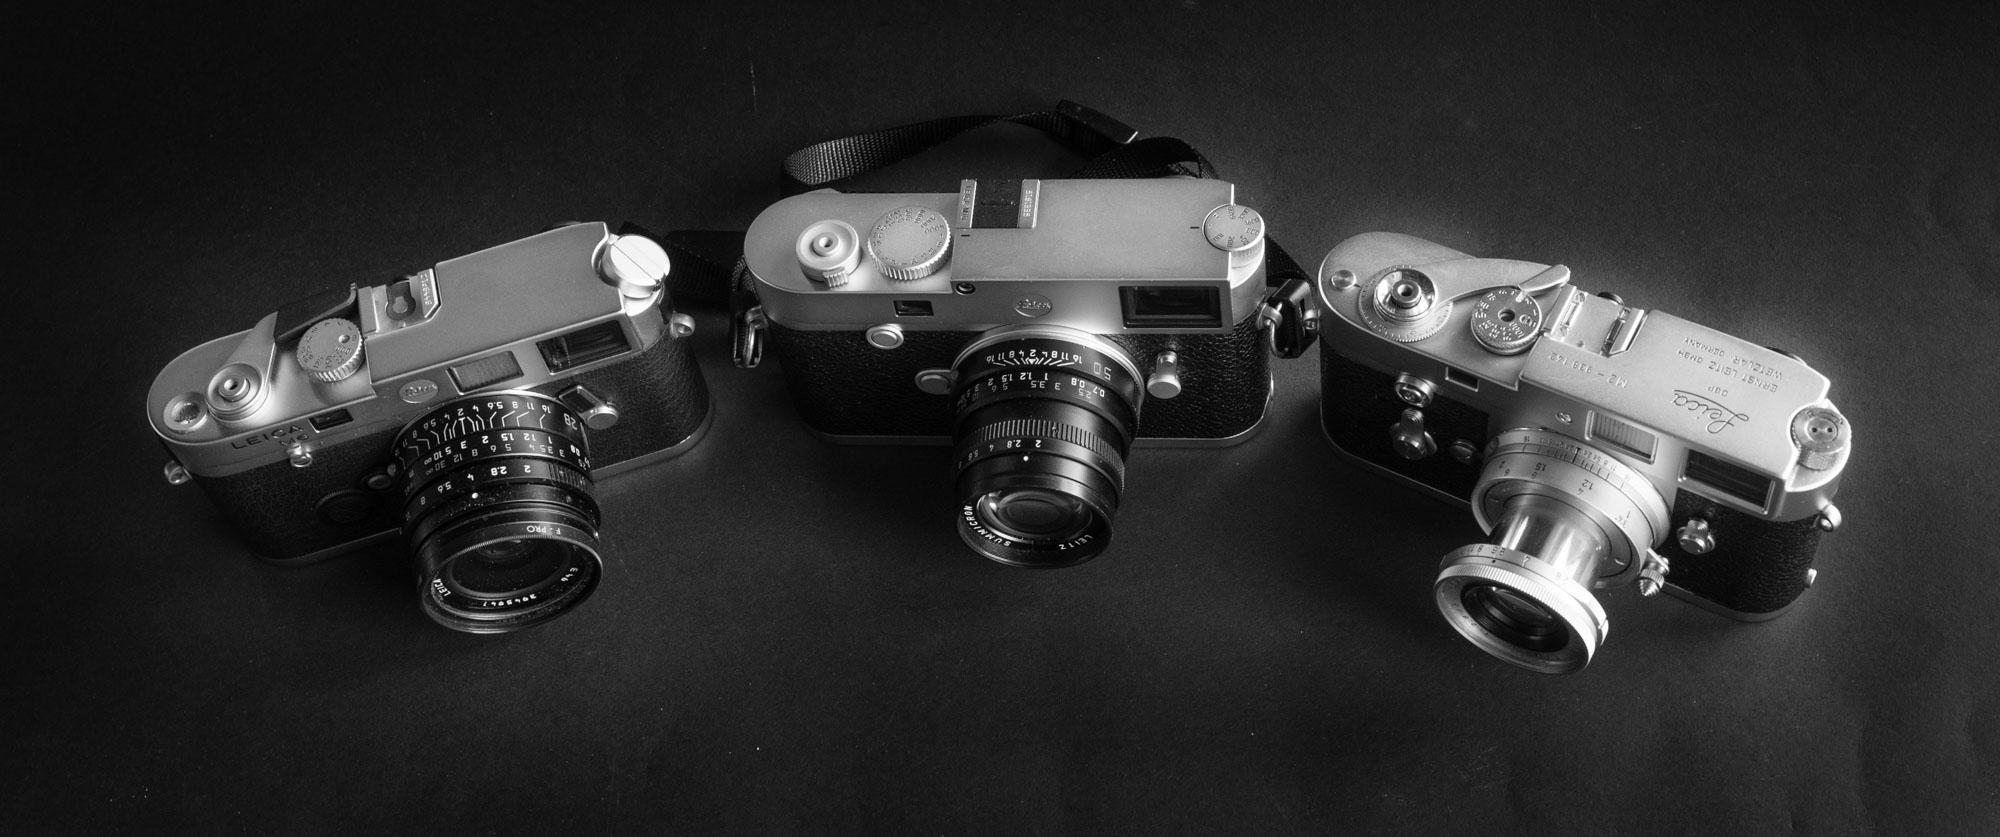 Leica M10 Erste Eindrucke Messsucherweltmesssucherwelt